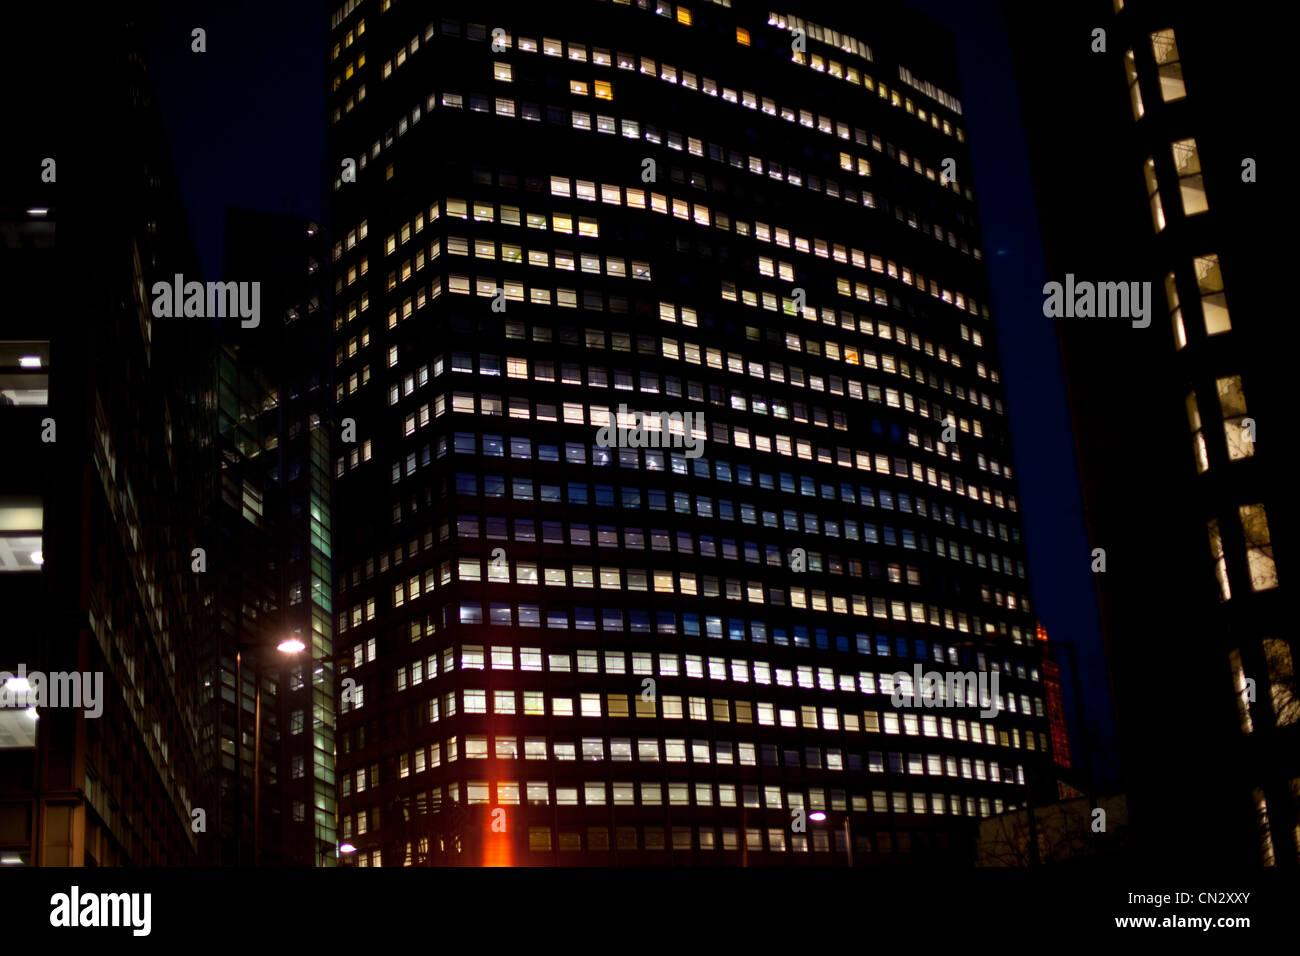 Il grattacielo di notte, Londra, Inghilterra Immagini Stock